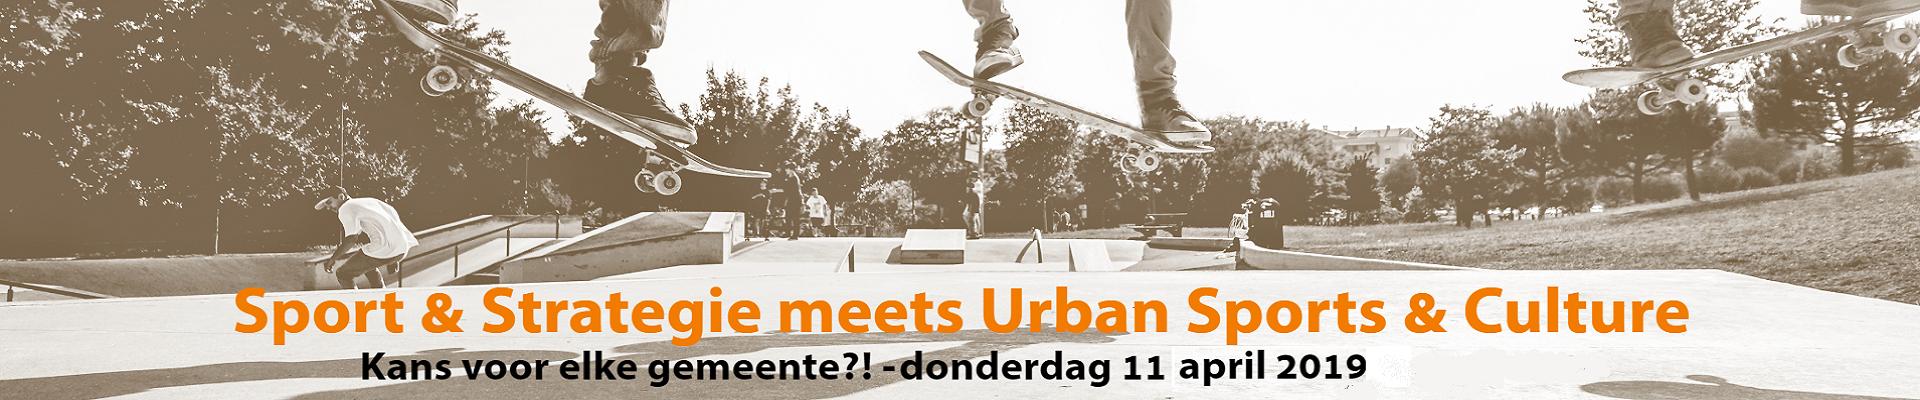 Sport & Strategie meets Urban Sports & Culture